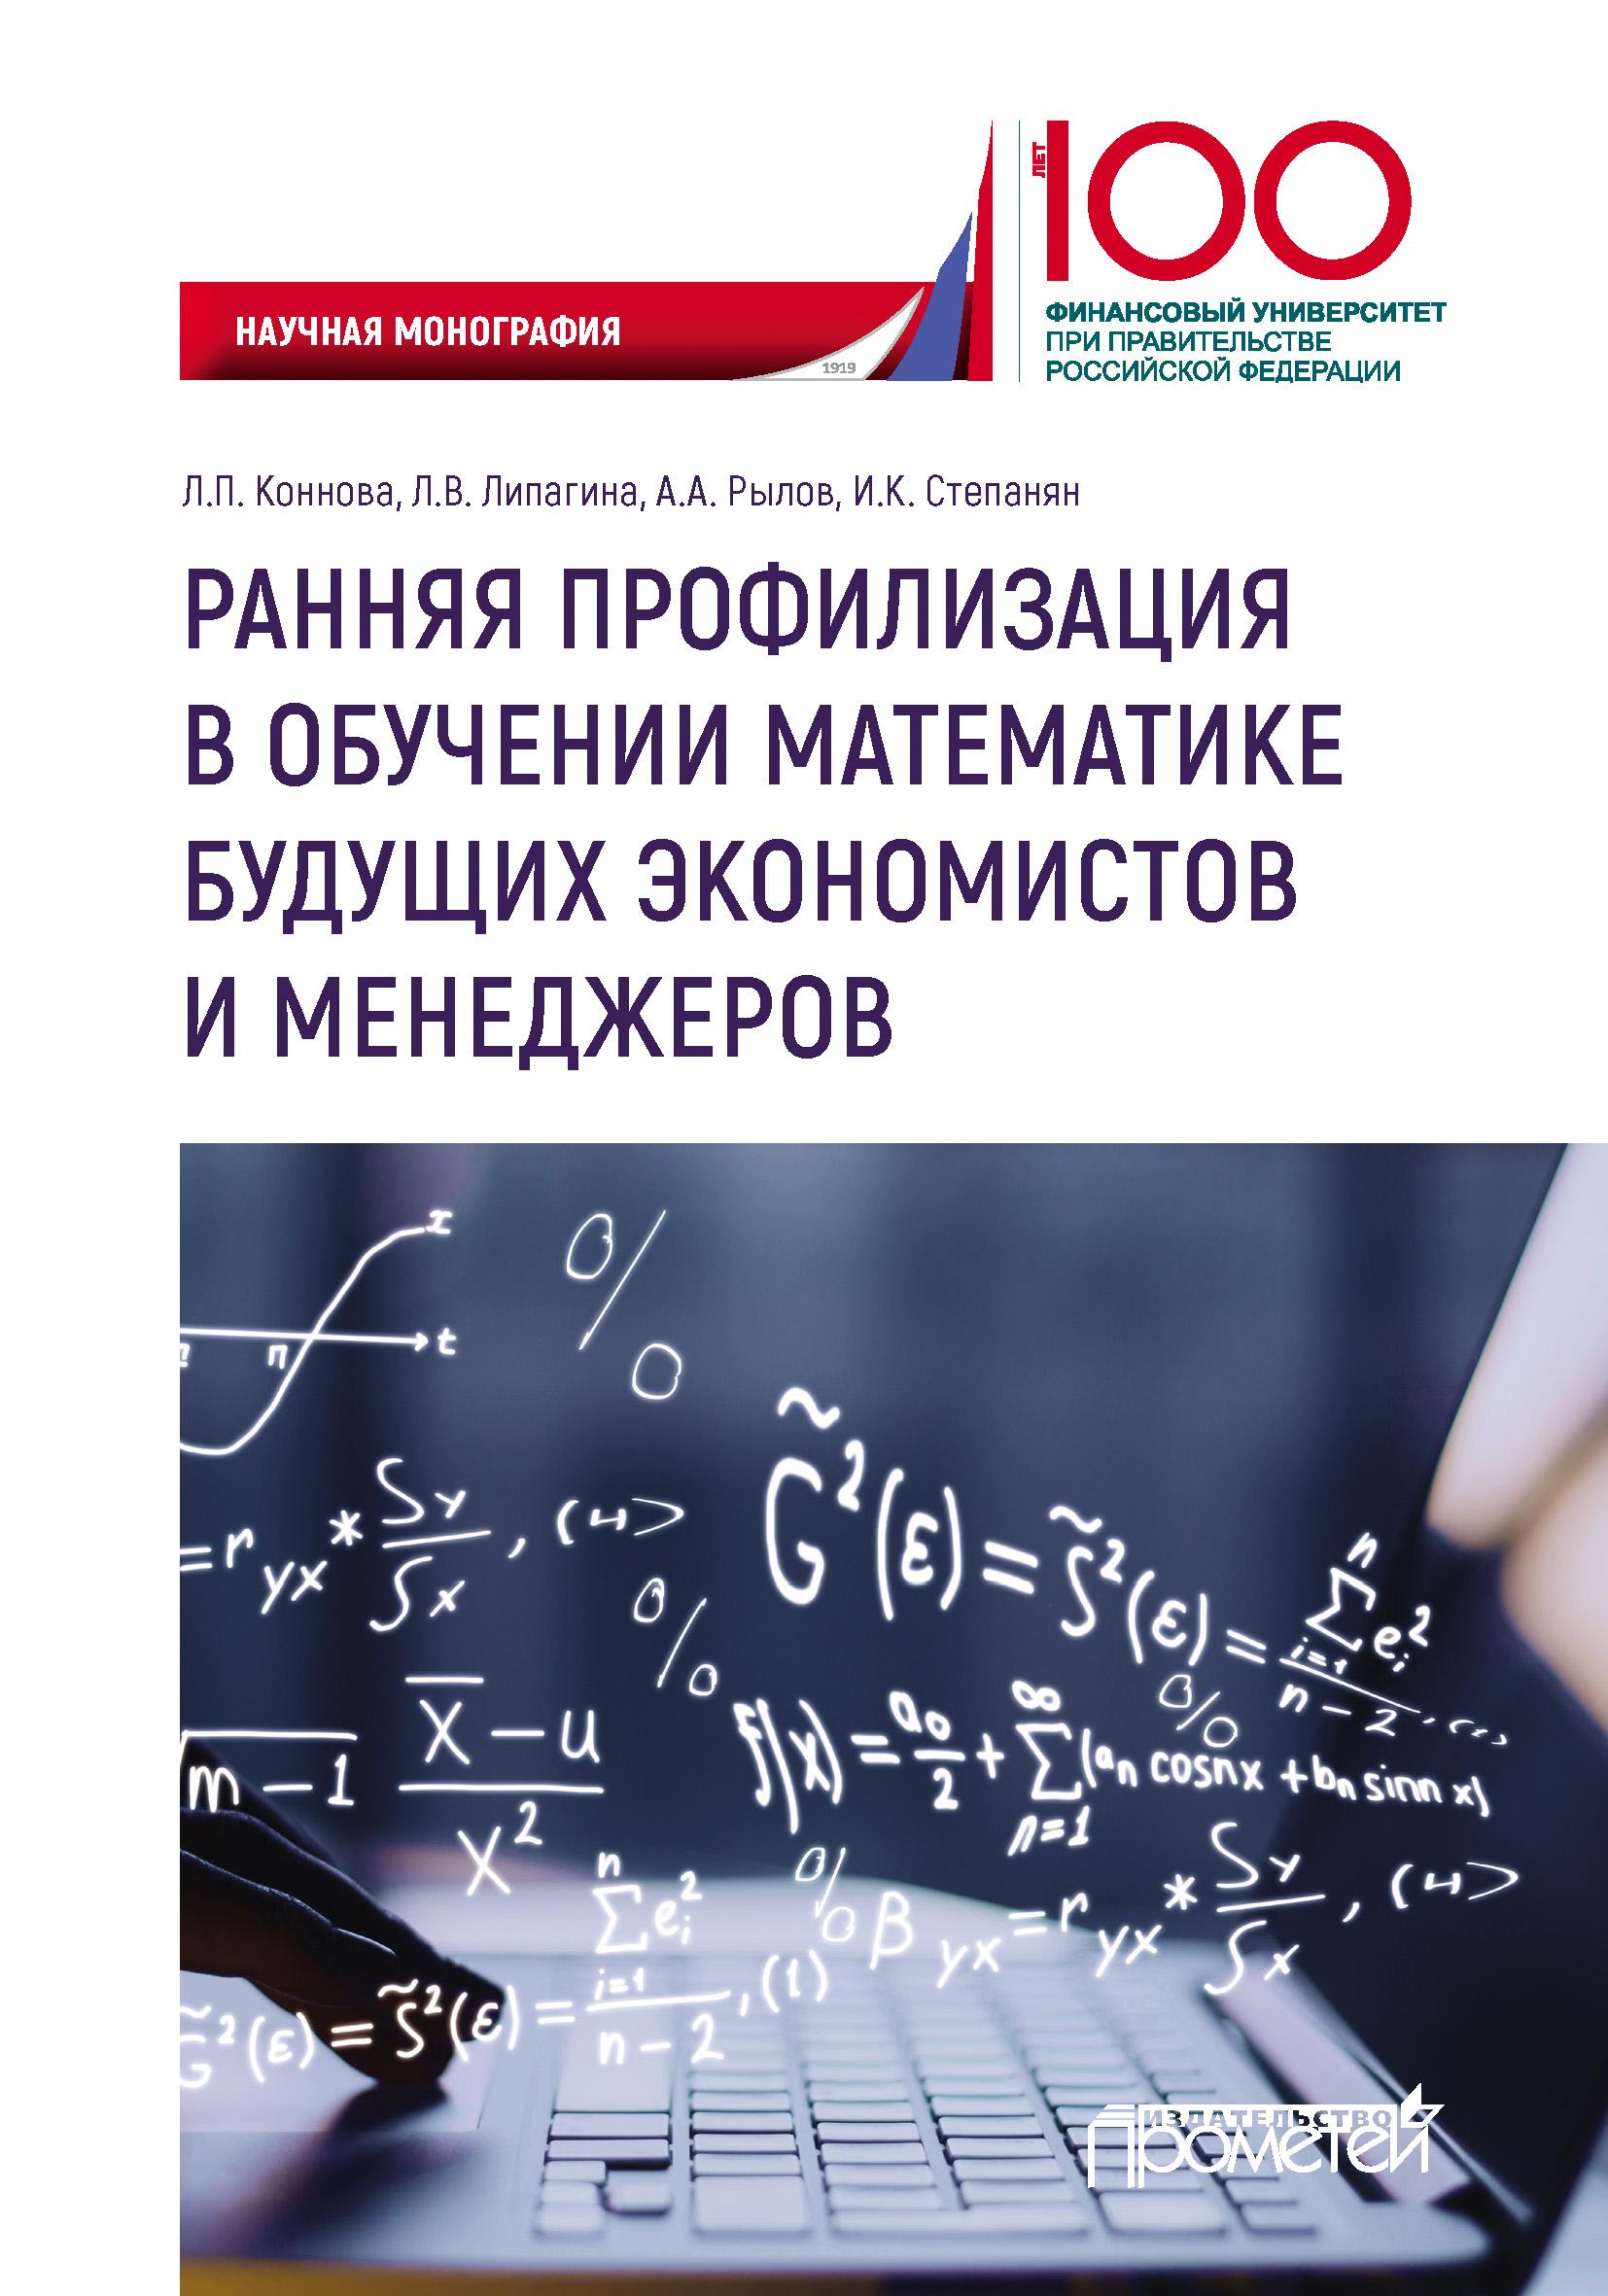 Купить книгу Ранняя профилизация в обучении математике будущих экономистов и менеджеров, автора А. А. Рылова